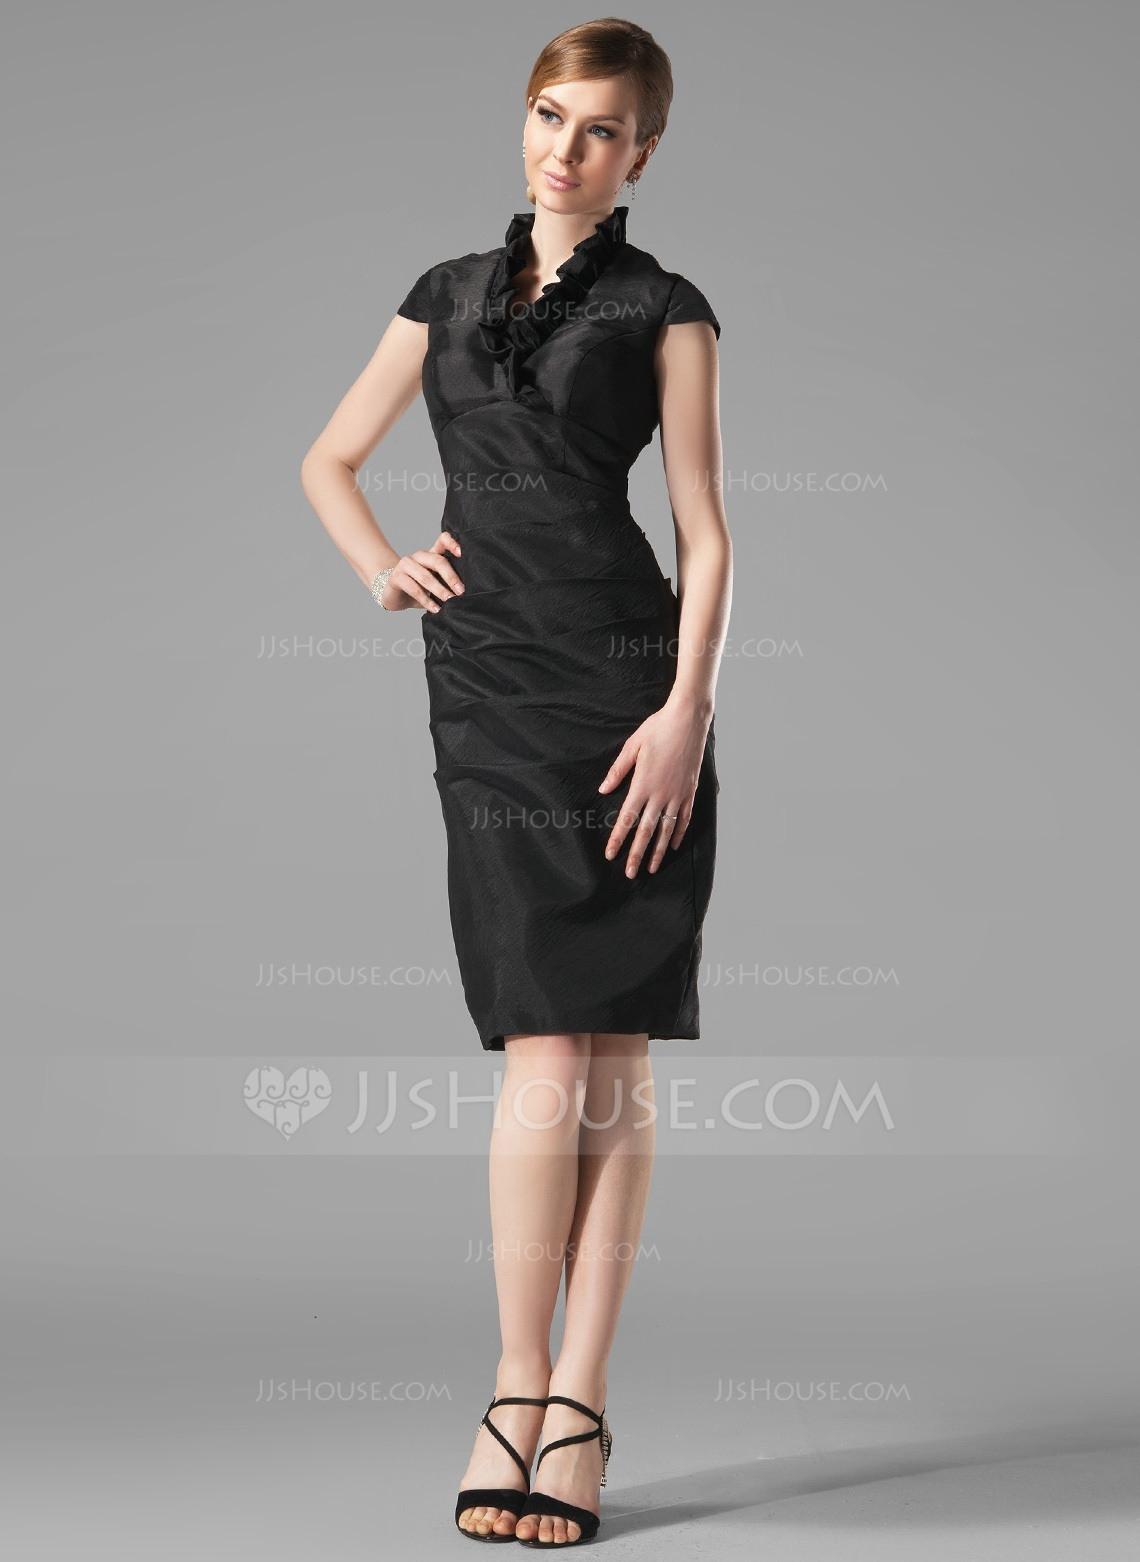 17 Leicht Festliches Kleid Knielang Boutique20 Top Festliches Kleid Knielang Stylish